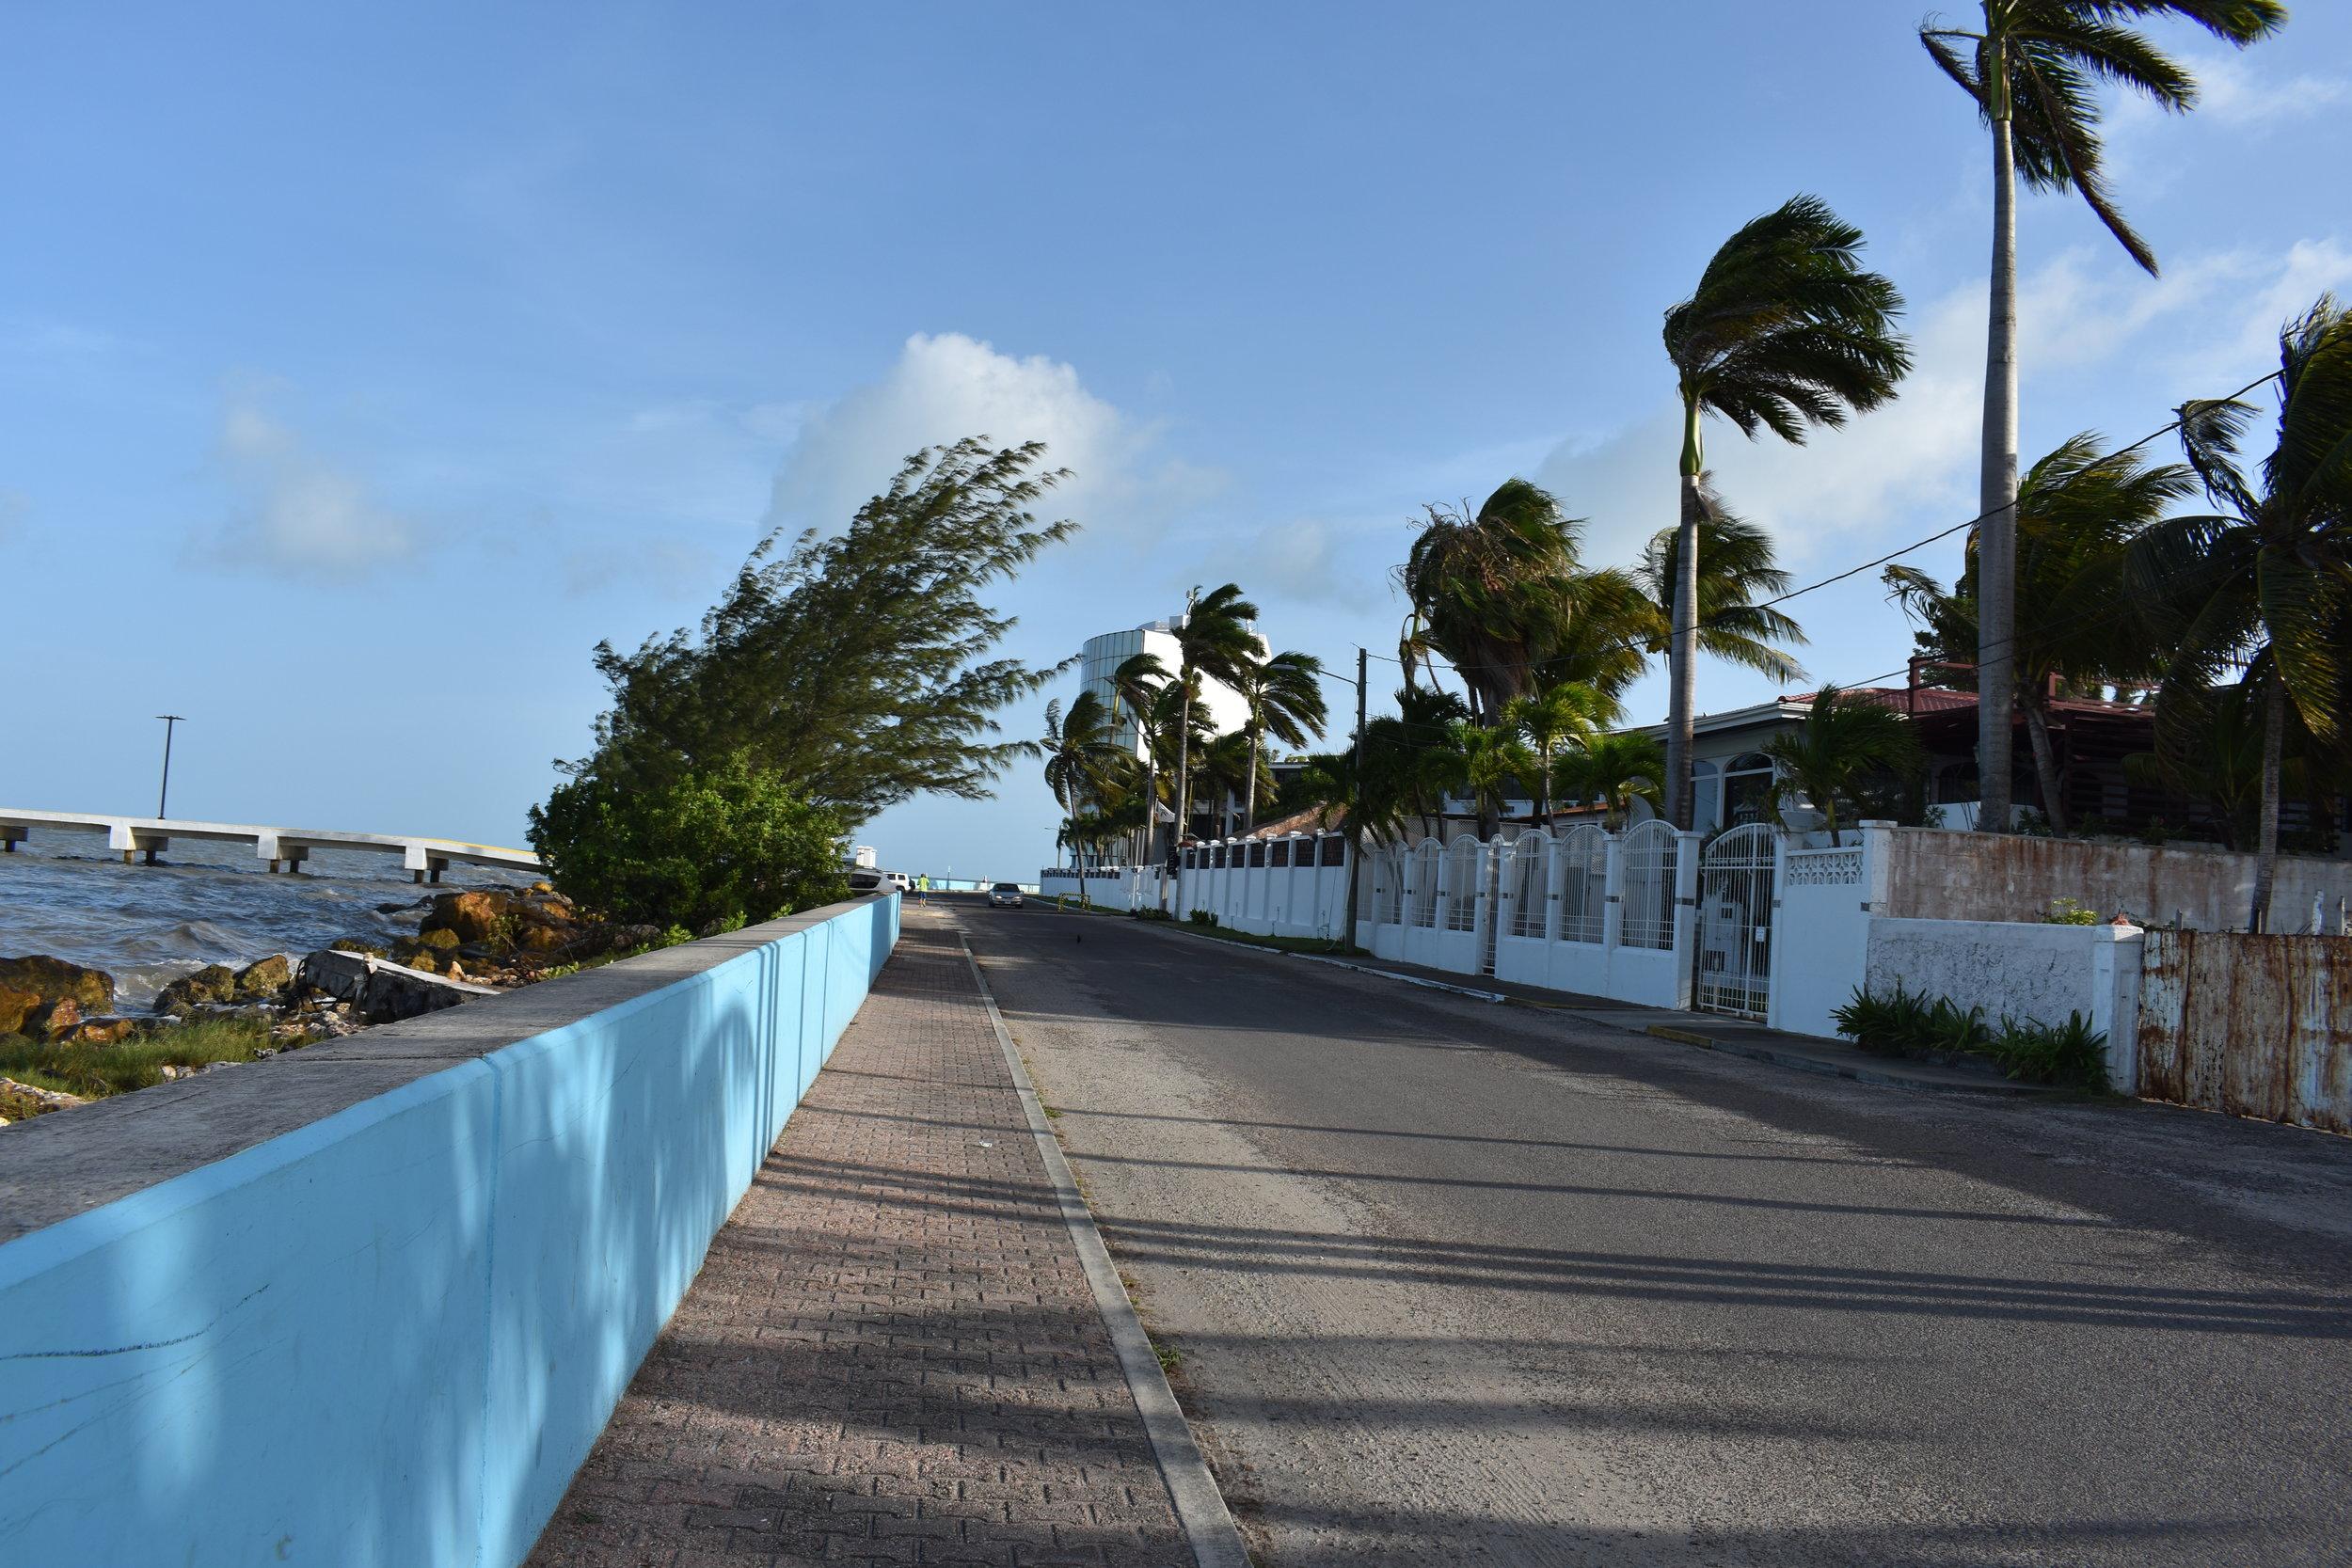 Belize City, construções simples, ruas vazias e um vento para refrescar.